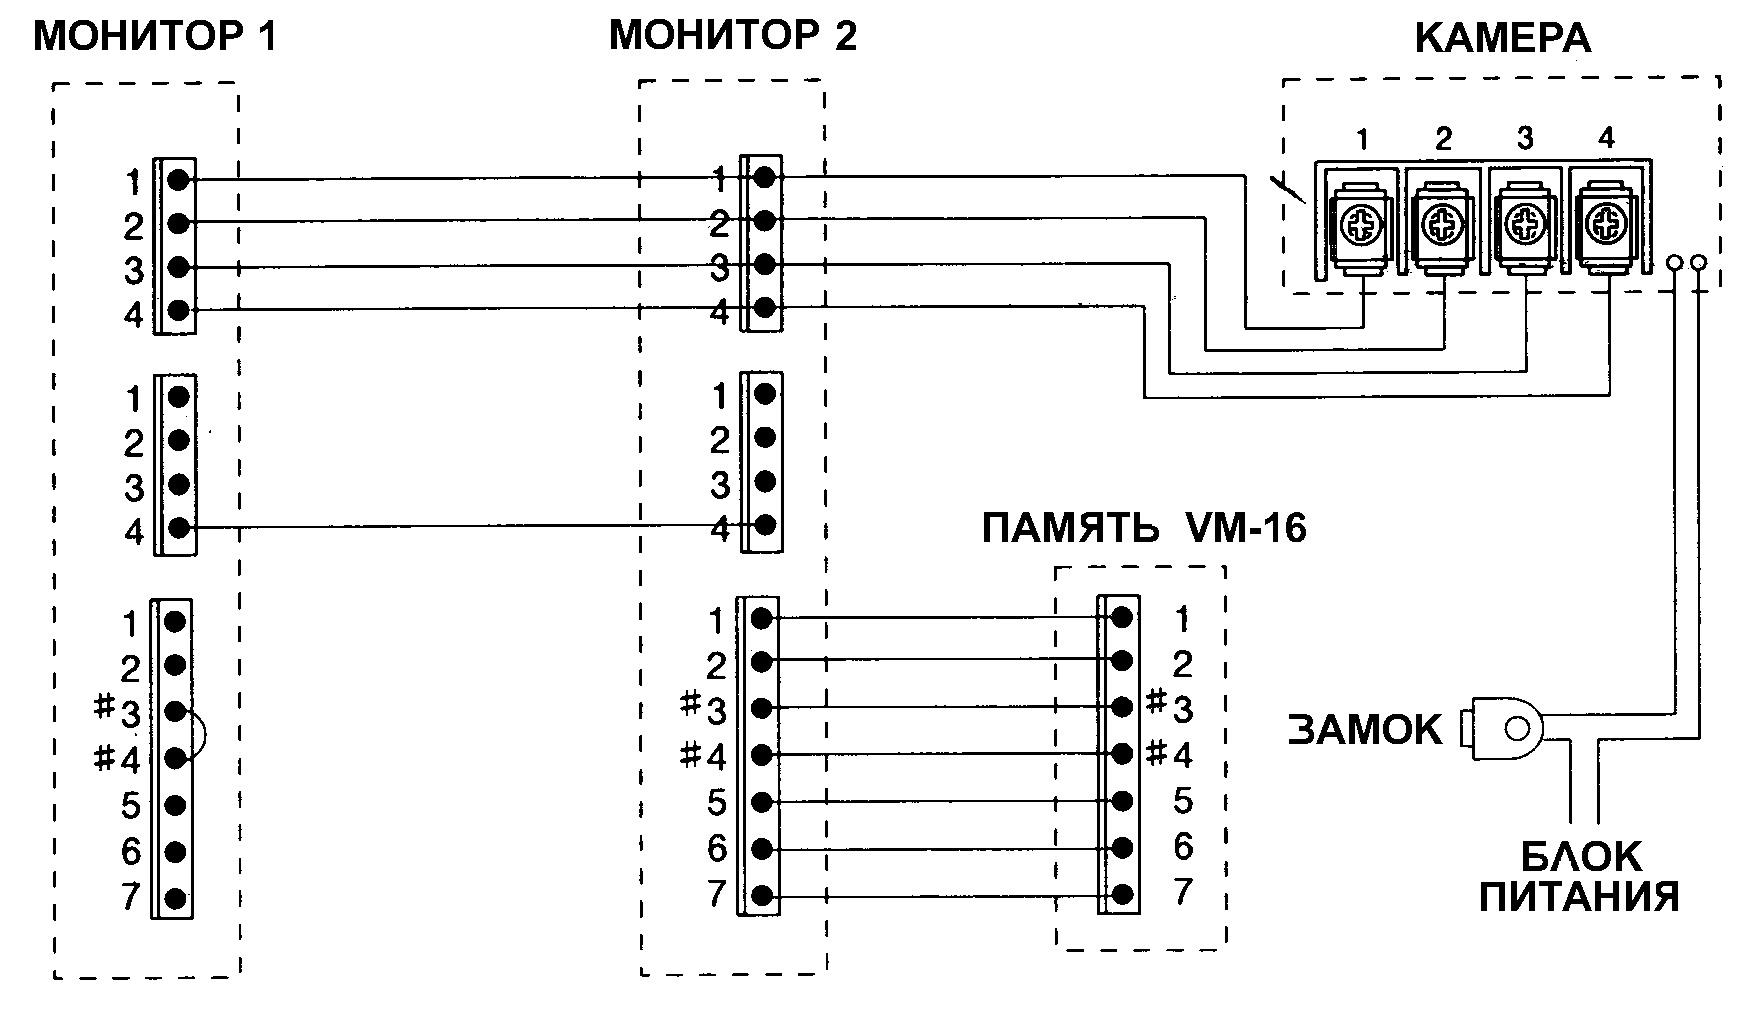 Ниже приведена схема подсоединения возможных комбинаций внешних устройств к монитору.